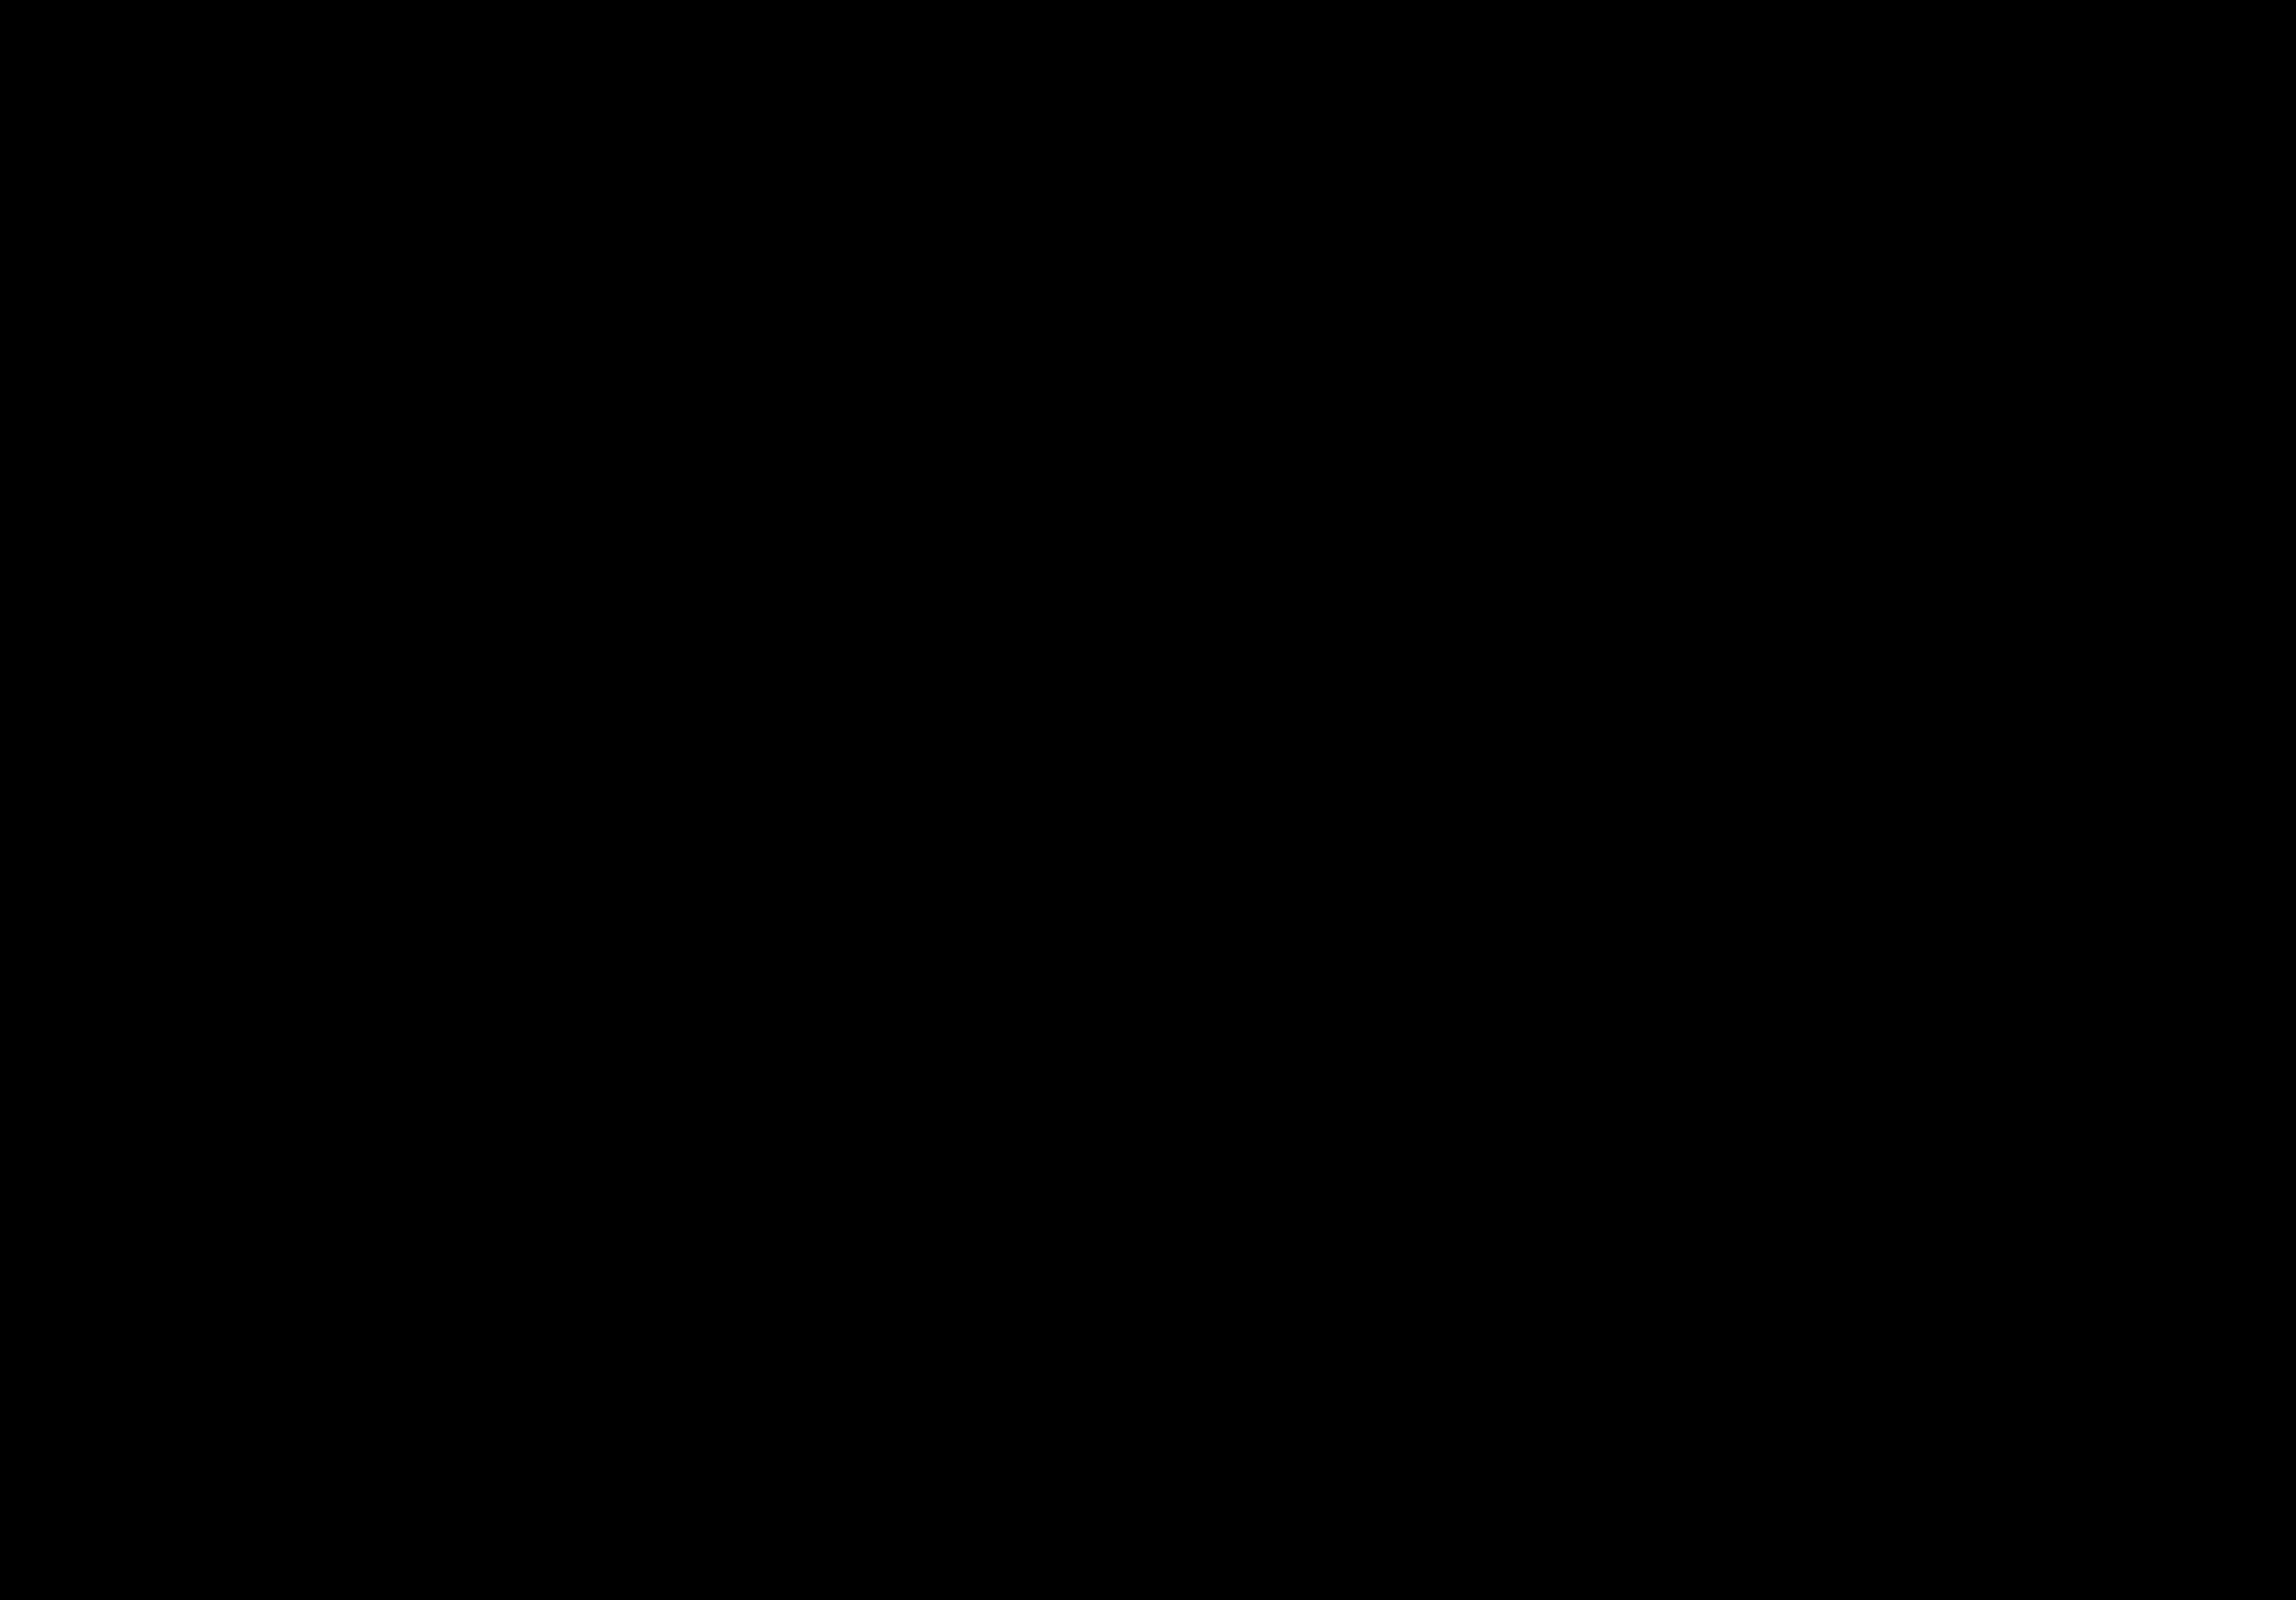 JP Zavod za urbanizam Vojvodine - Spatial Plans